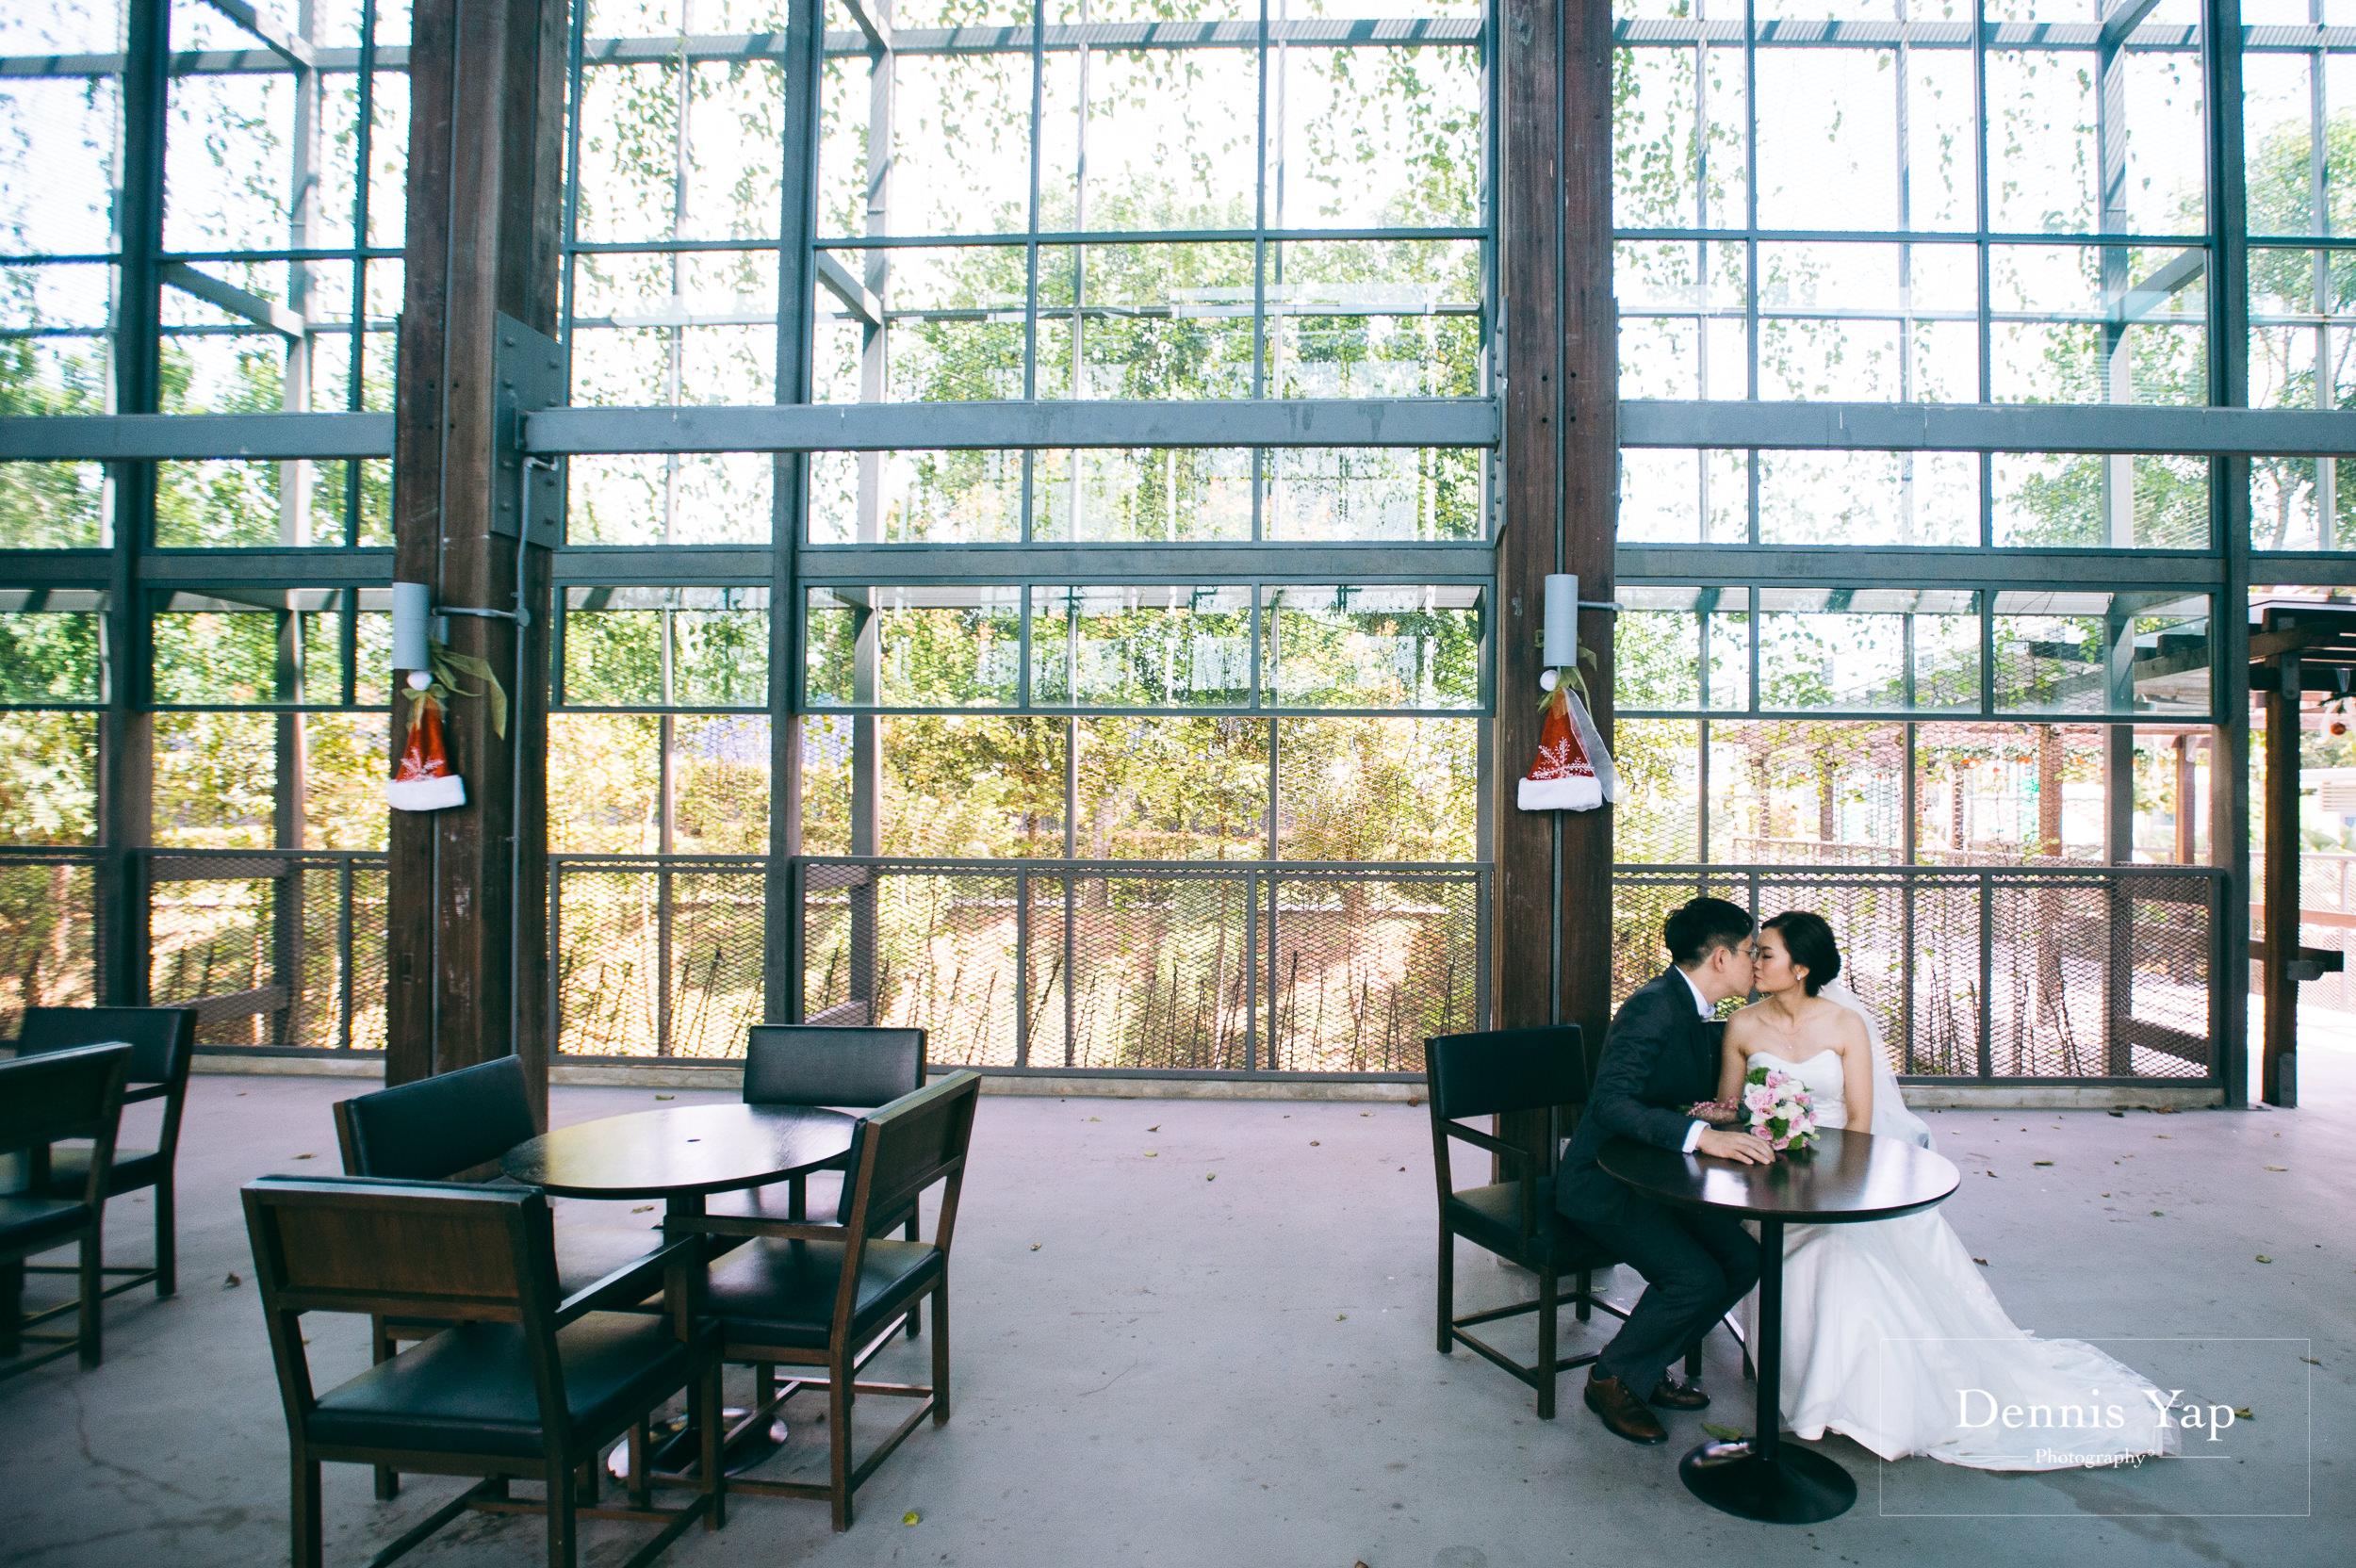 hwa sean jing yee wedding day dennis yap photography-78.jpg